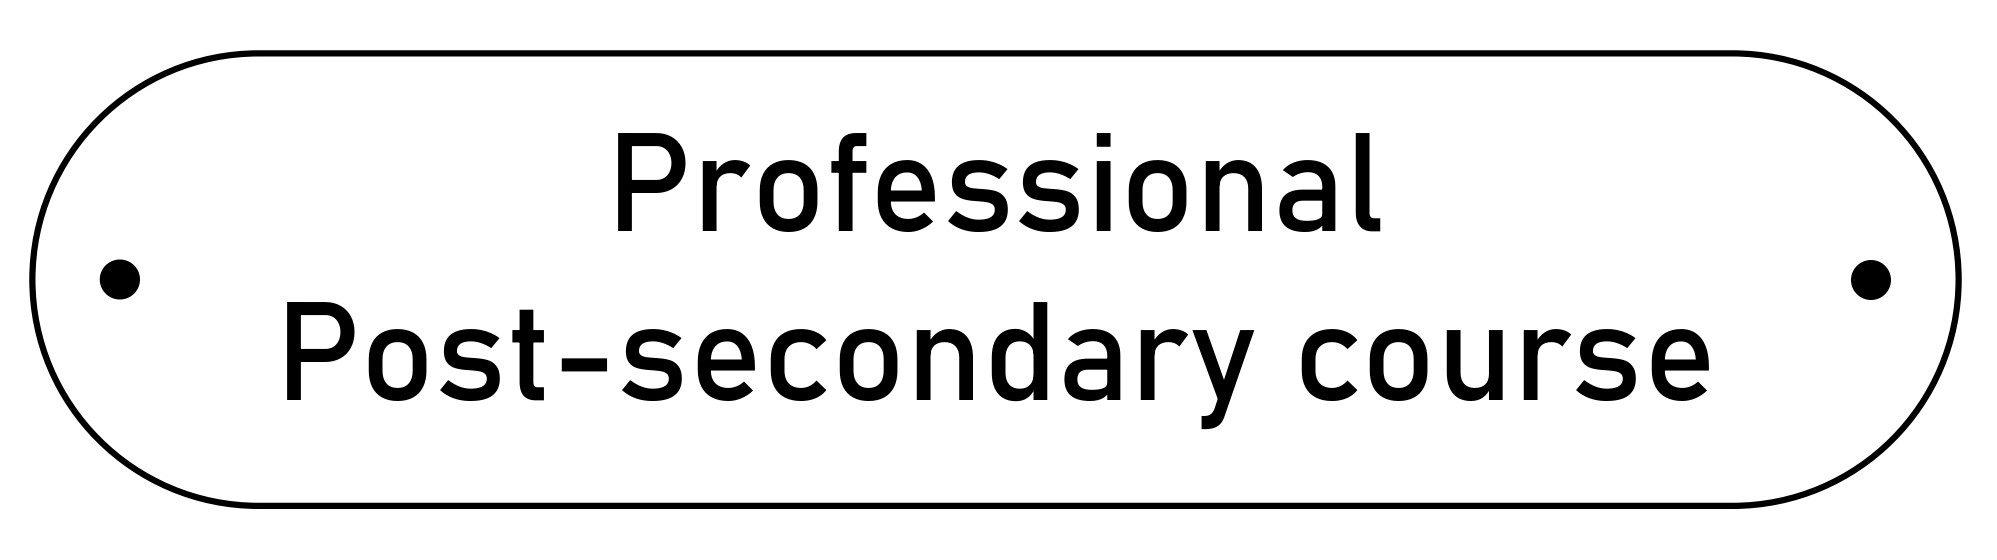 文部科学大臣認定職業実践専門課程メイン画像